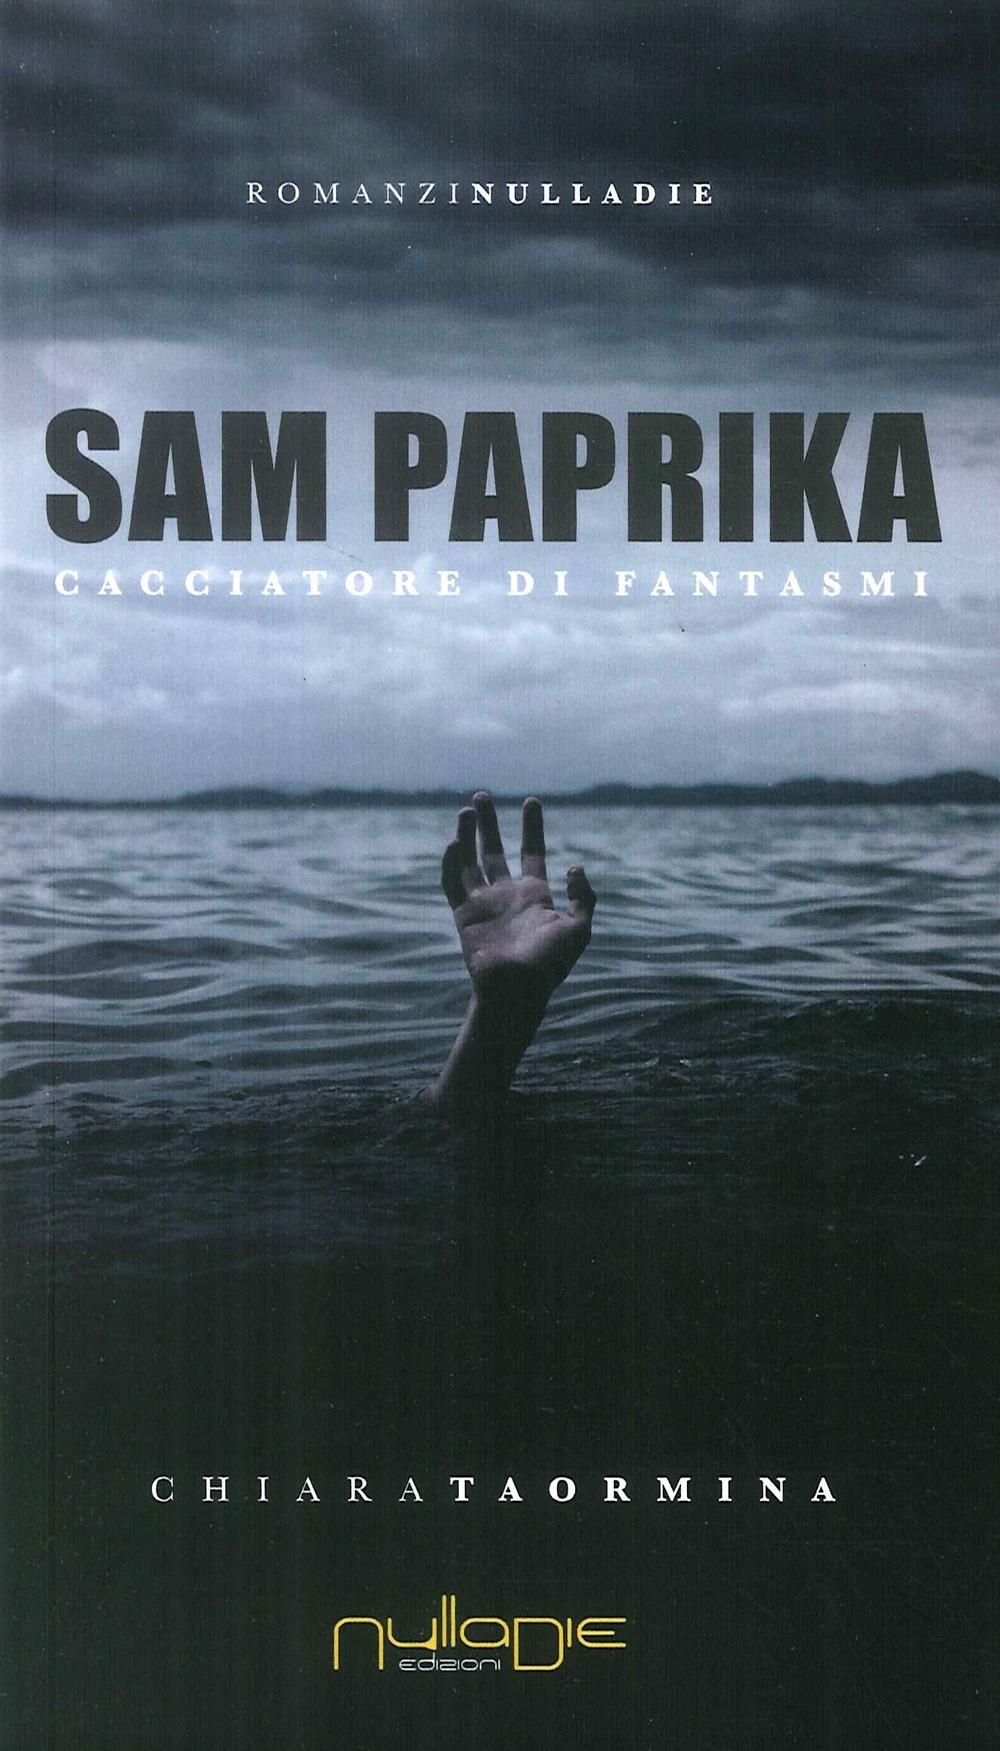 Sam Paprika. Cacciatore di fantasmi